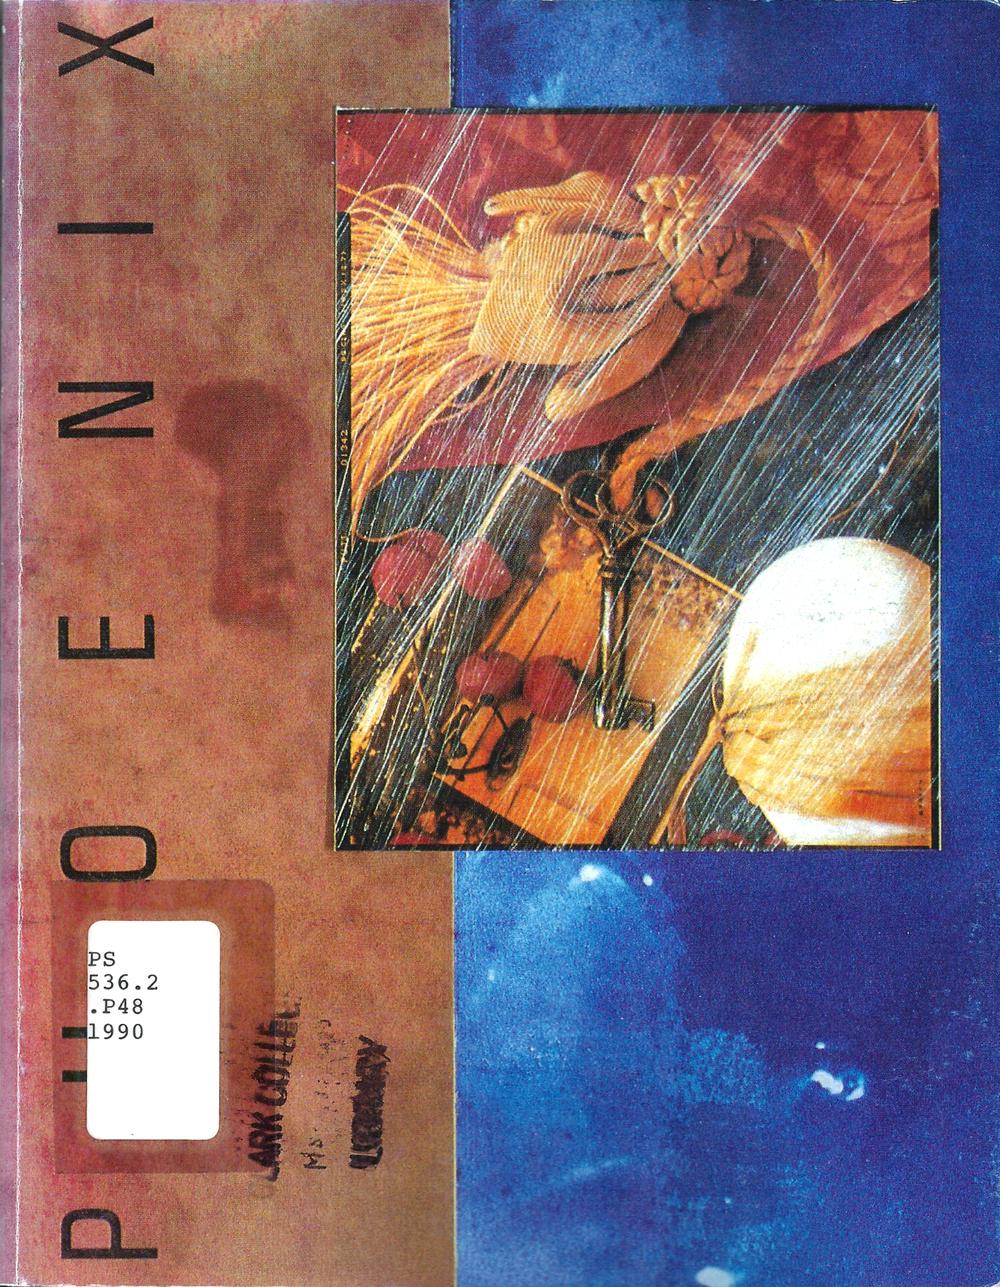 PHOENIX 1990